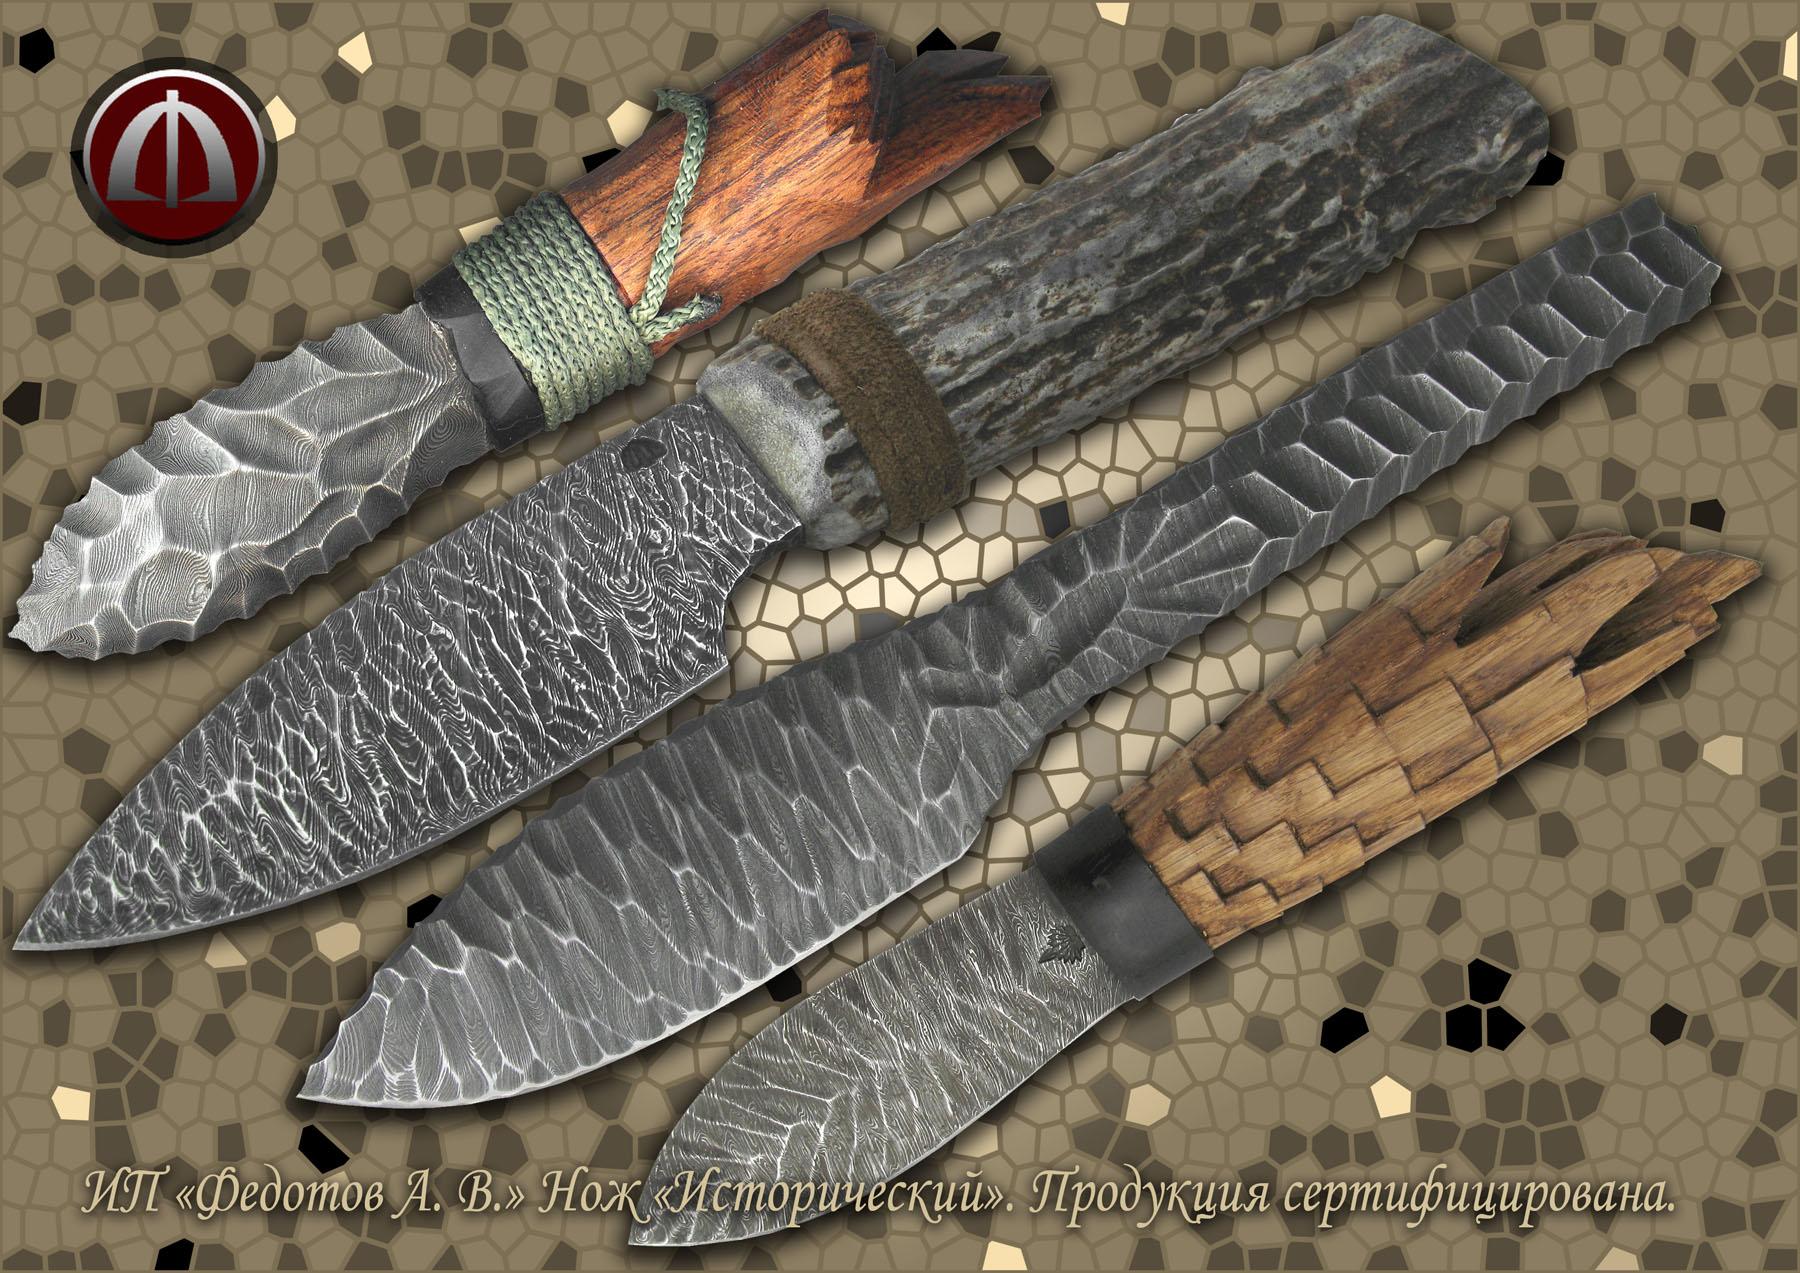 Интернет-каталог (Производство ножей) - сайт города